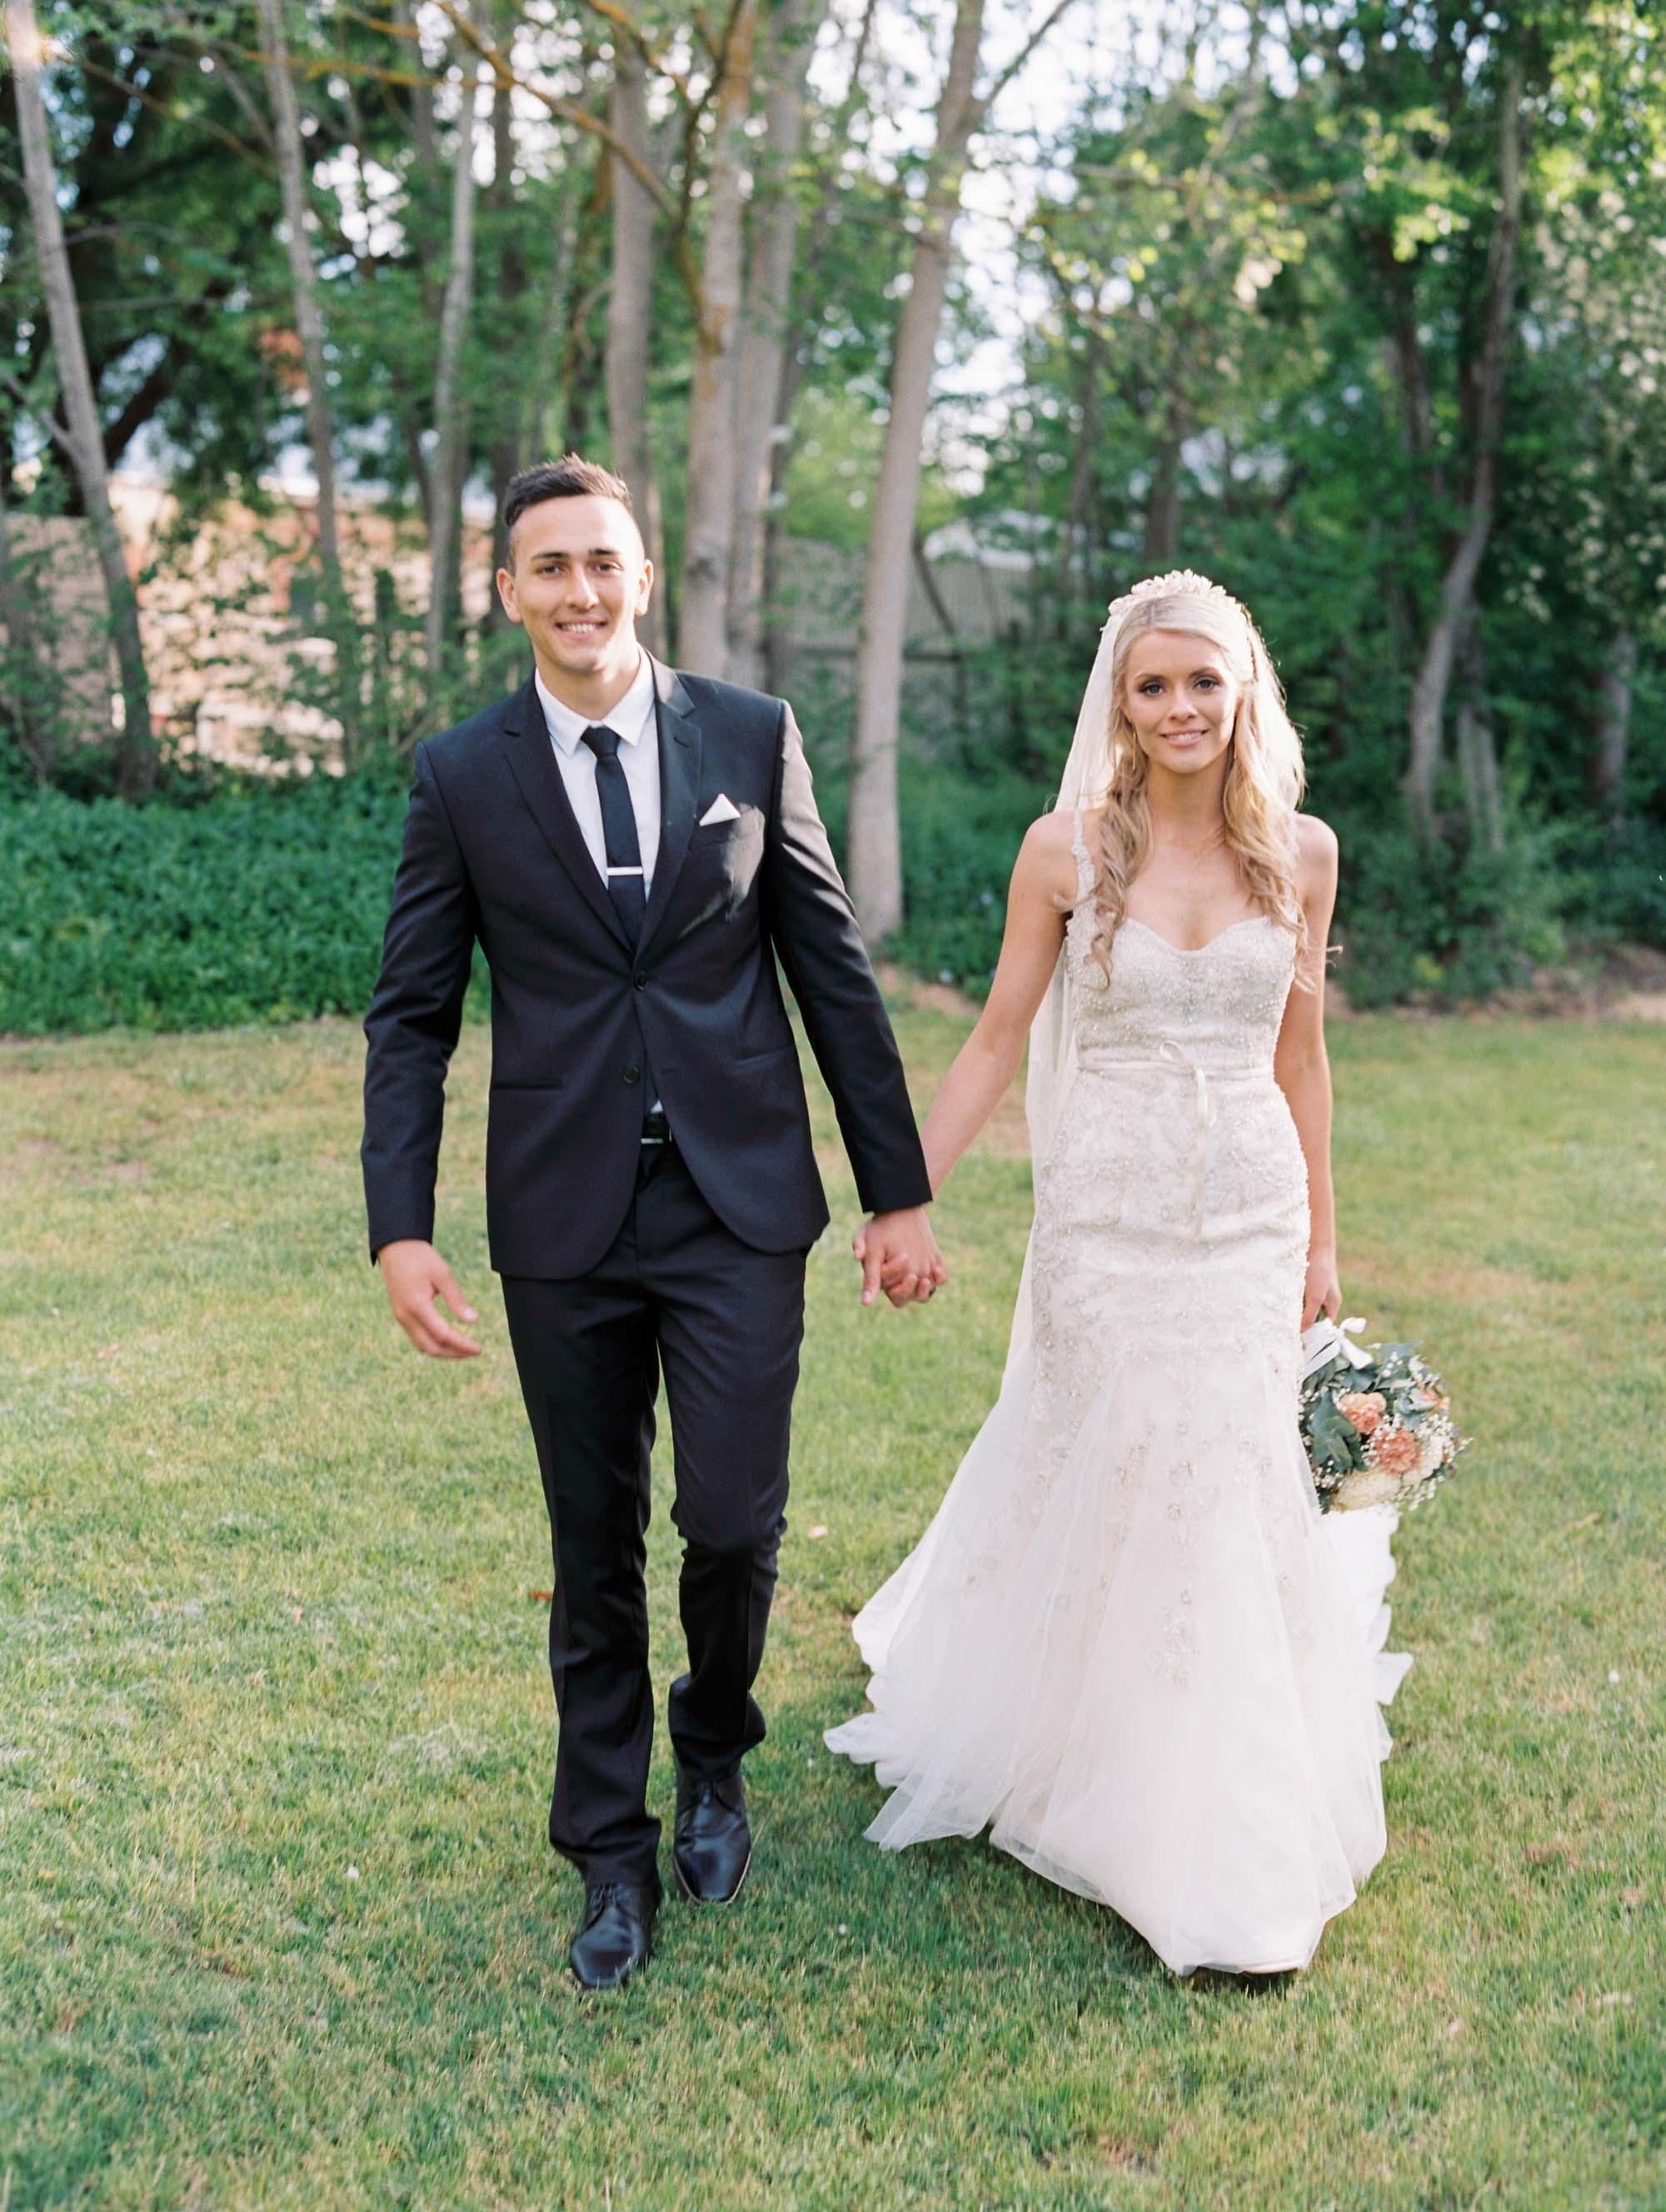 Whitehouse-hahndorf-wedding-photography-081.jpg